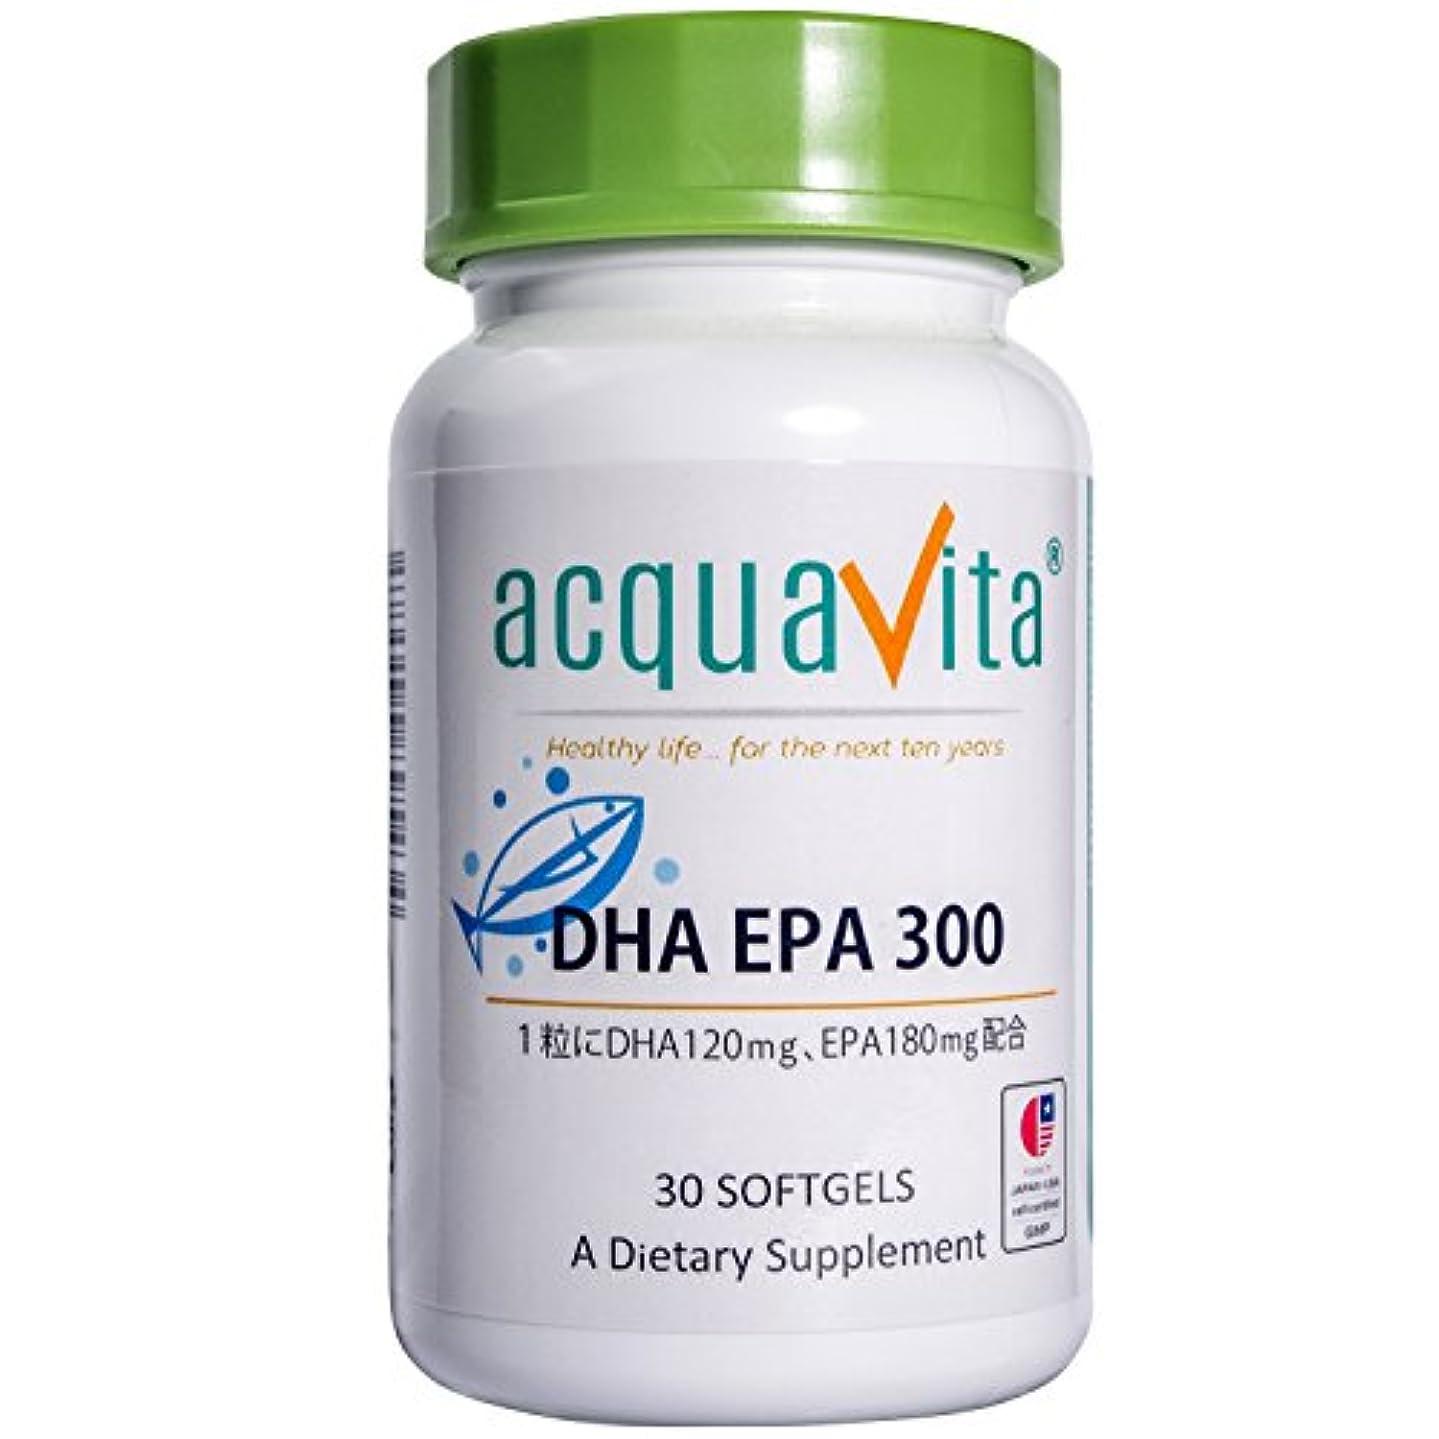 パンサー世代ストレッチacquavita(アクアヴィータ)DHA EPA300 30粒